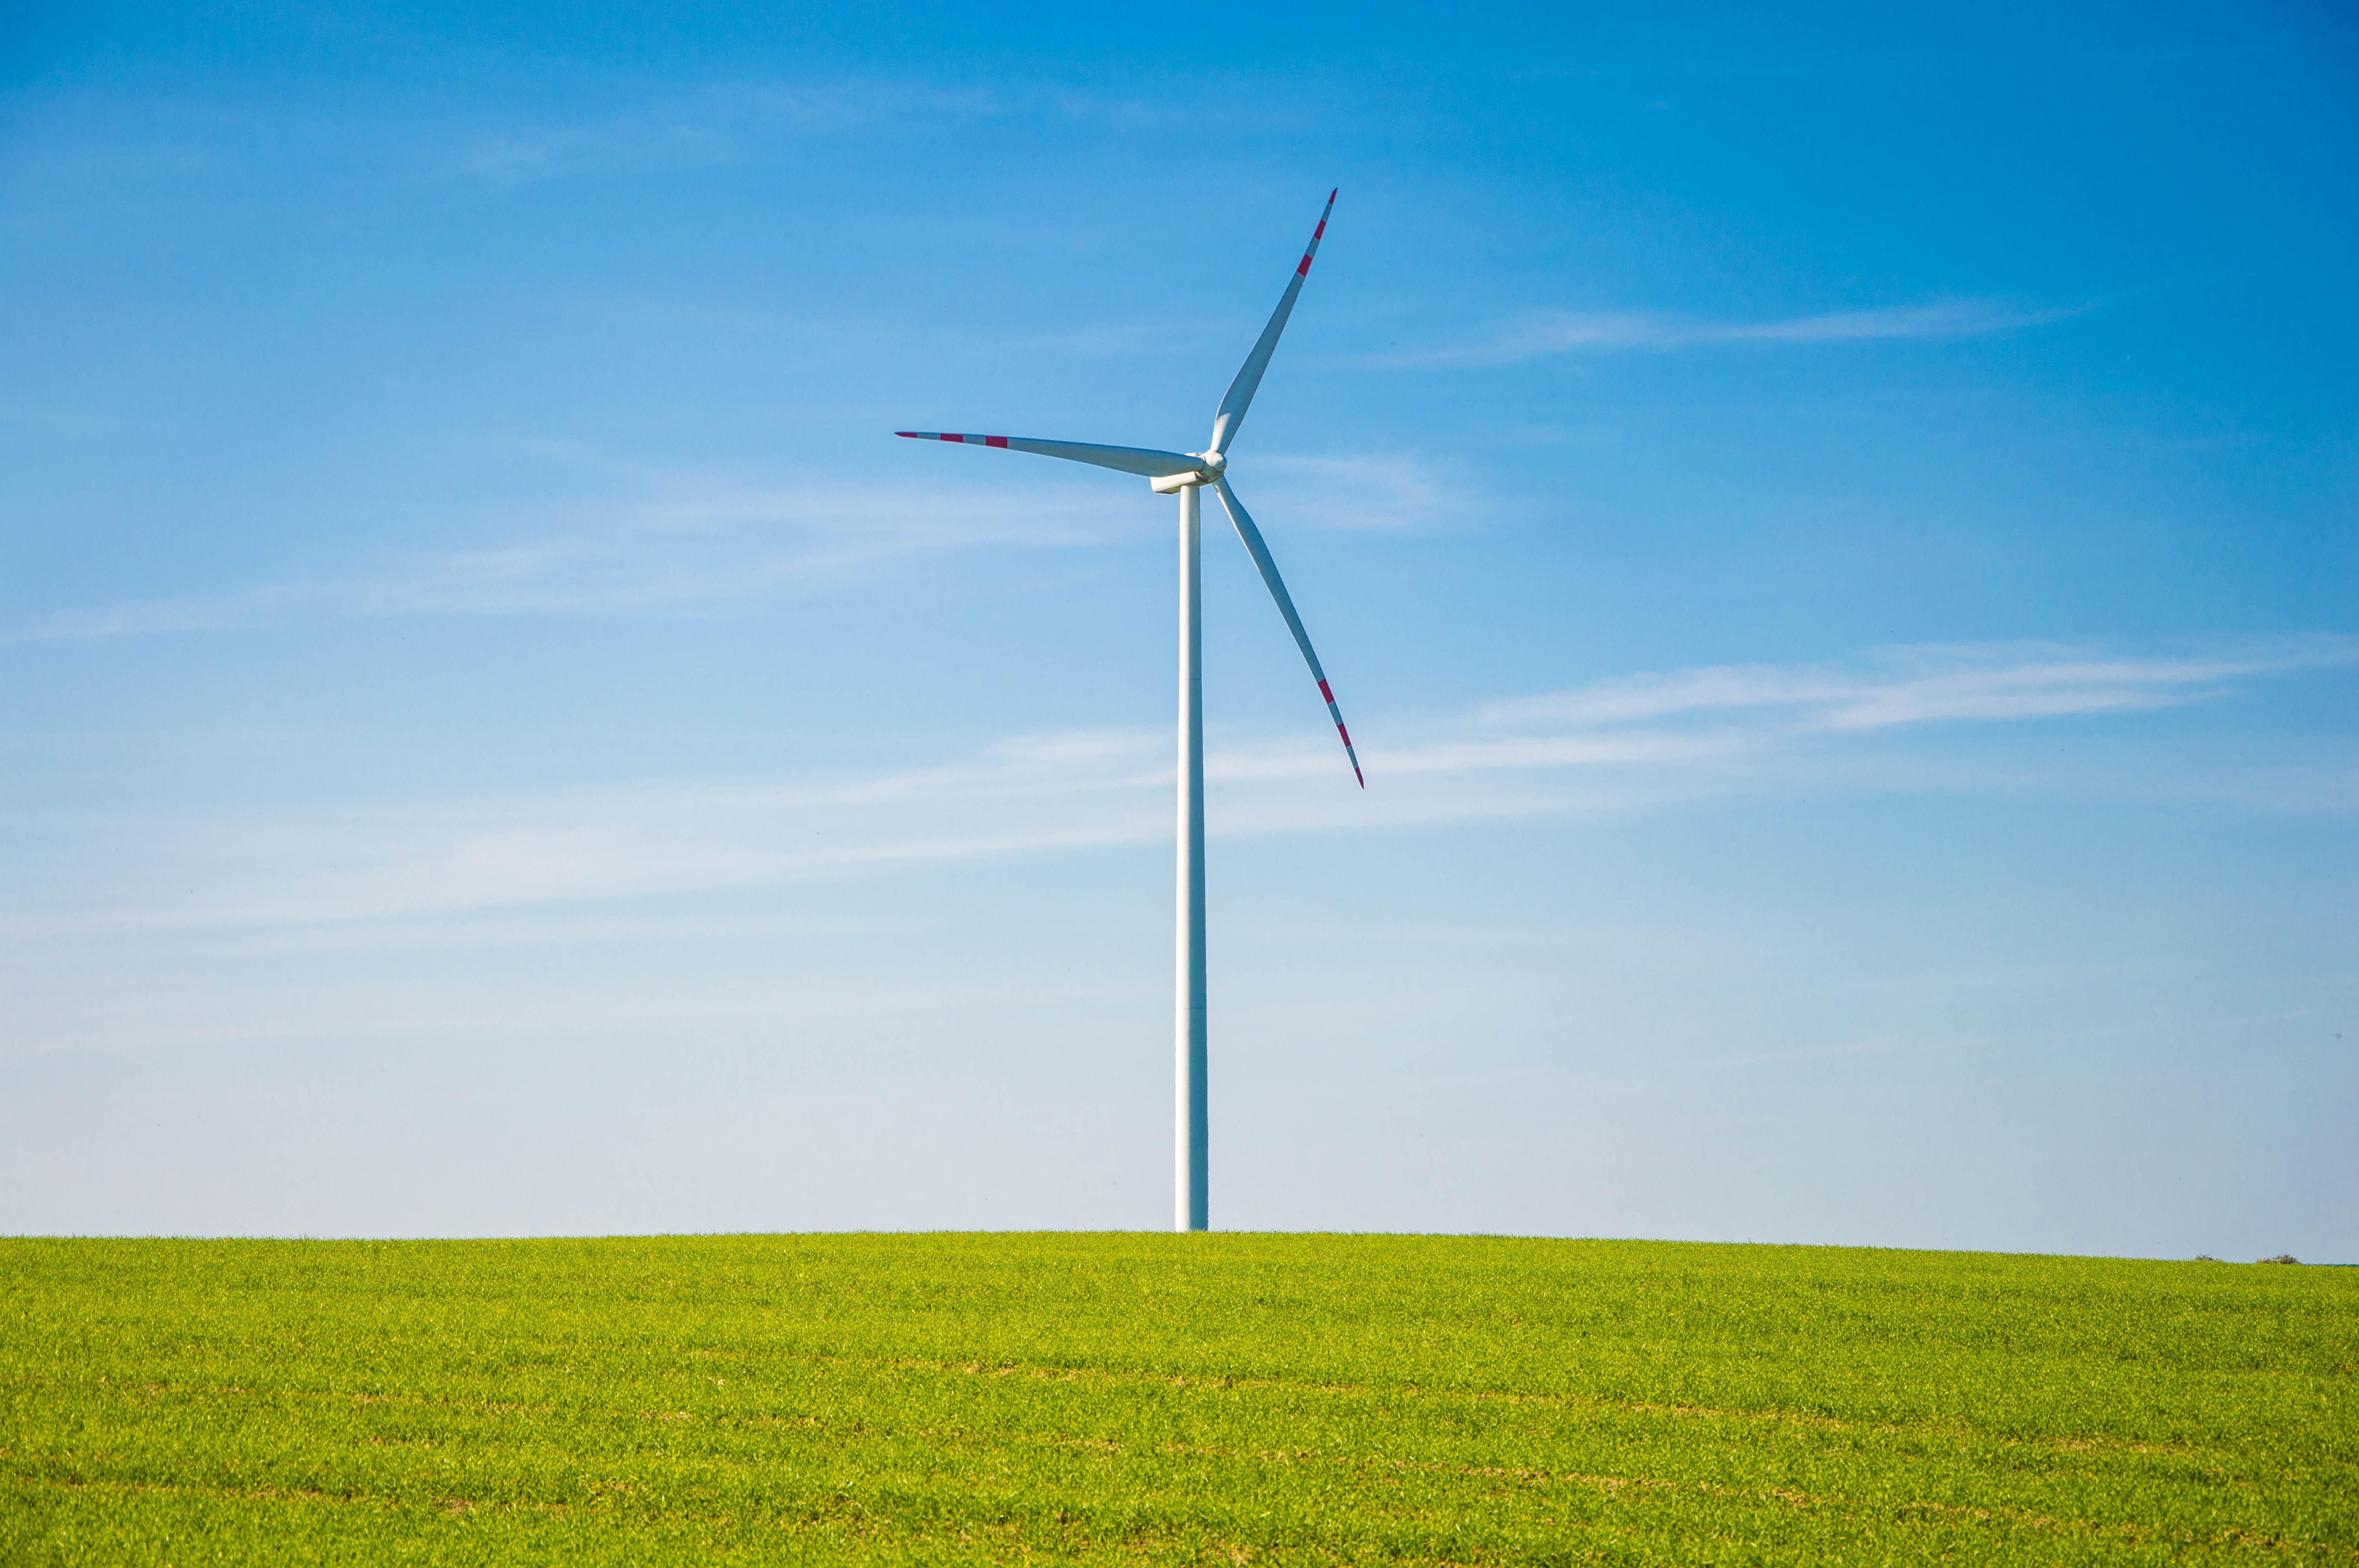 Wind_Turbine-1.jpg